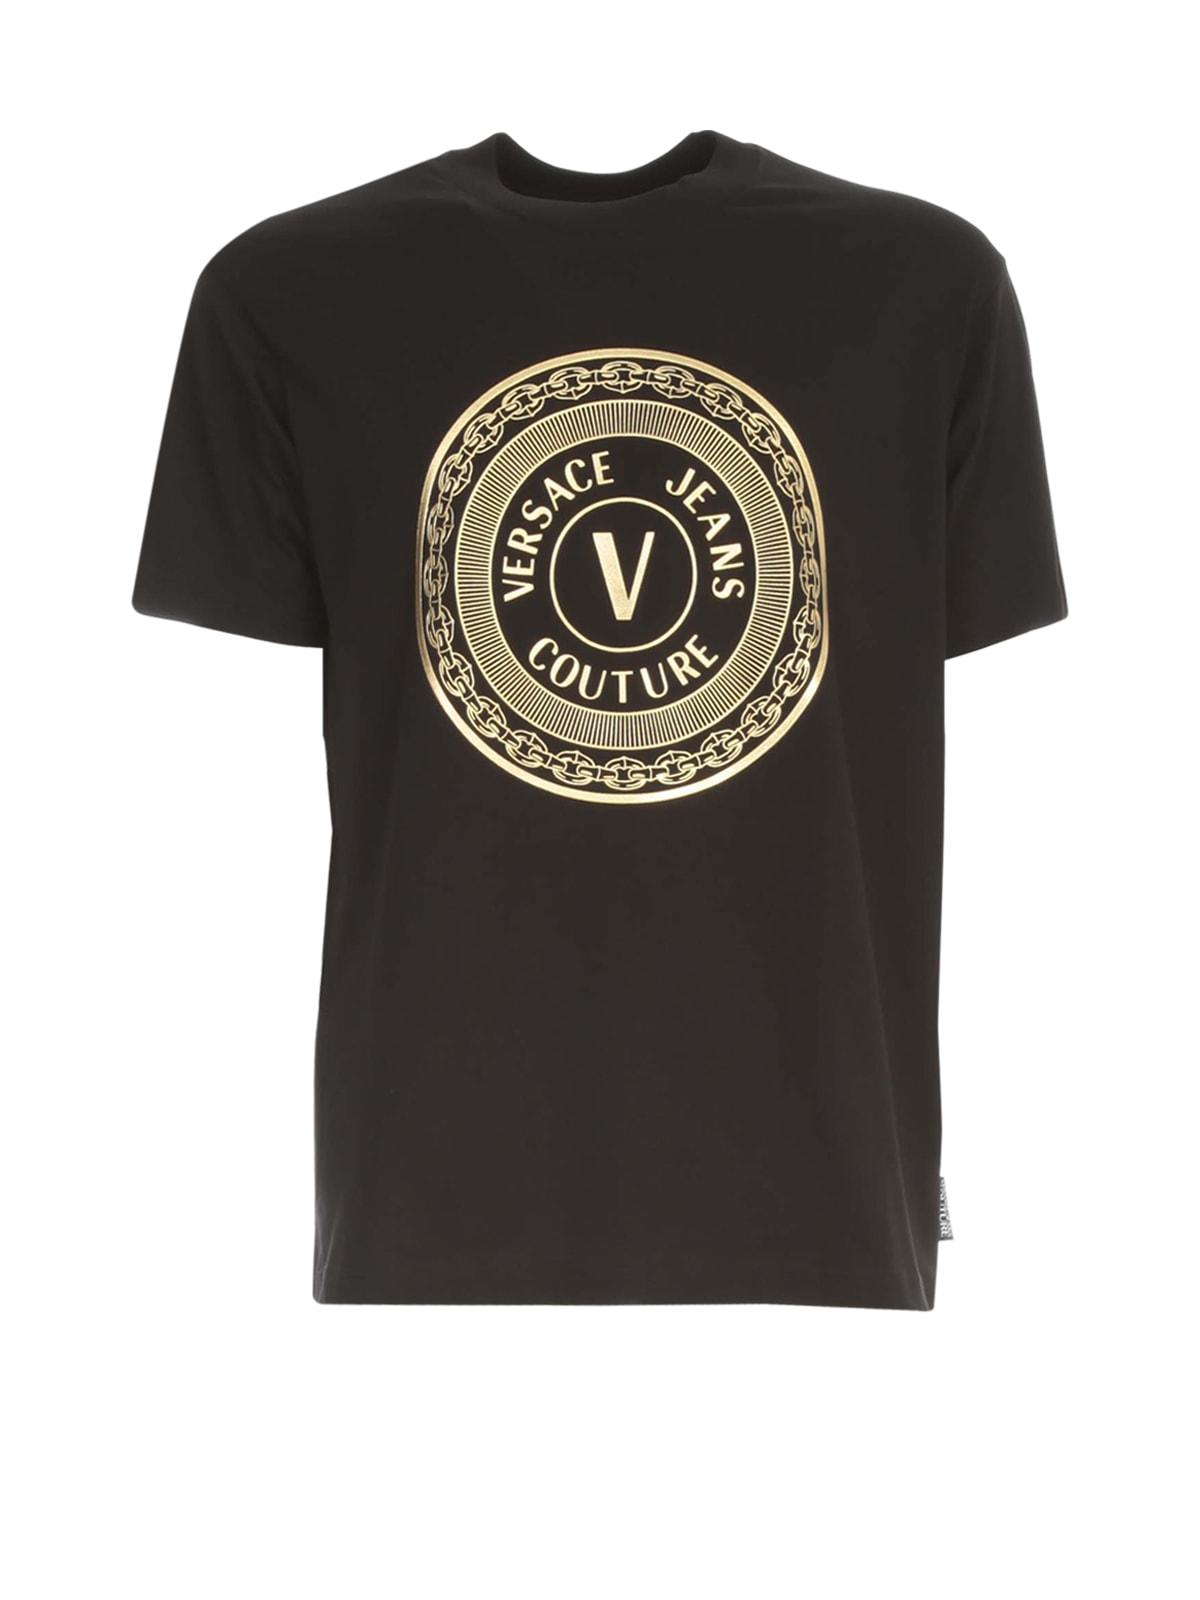 Versace Jeans Couture Cotton T-shirt Circle Logo Reg 48 Foil